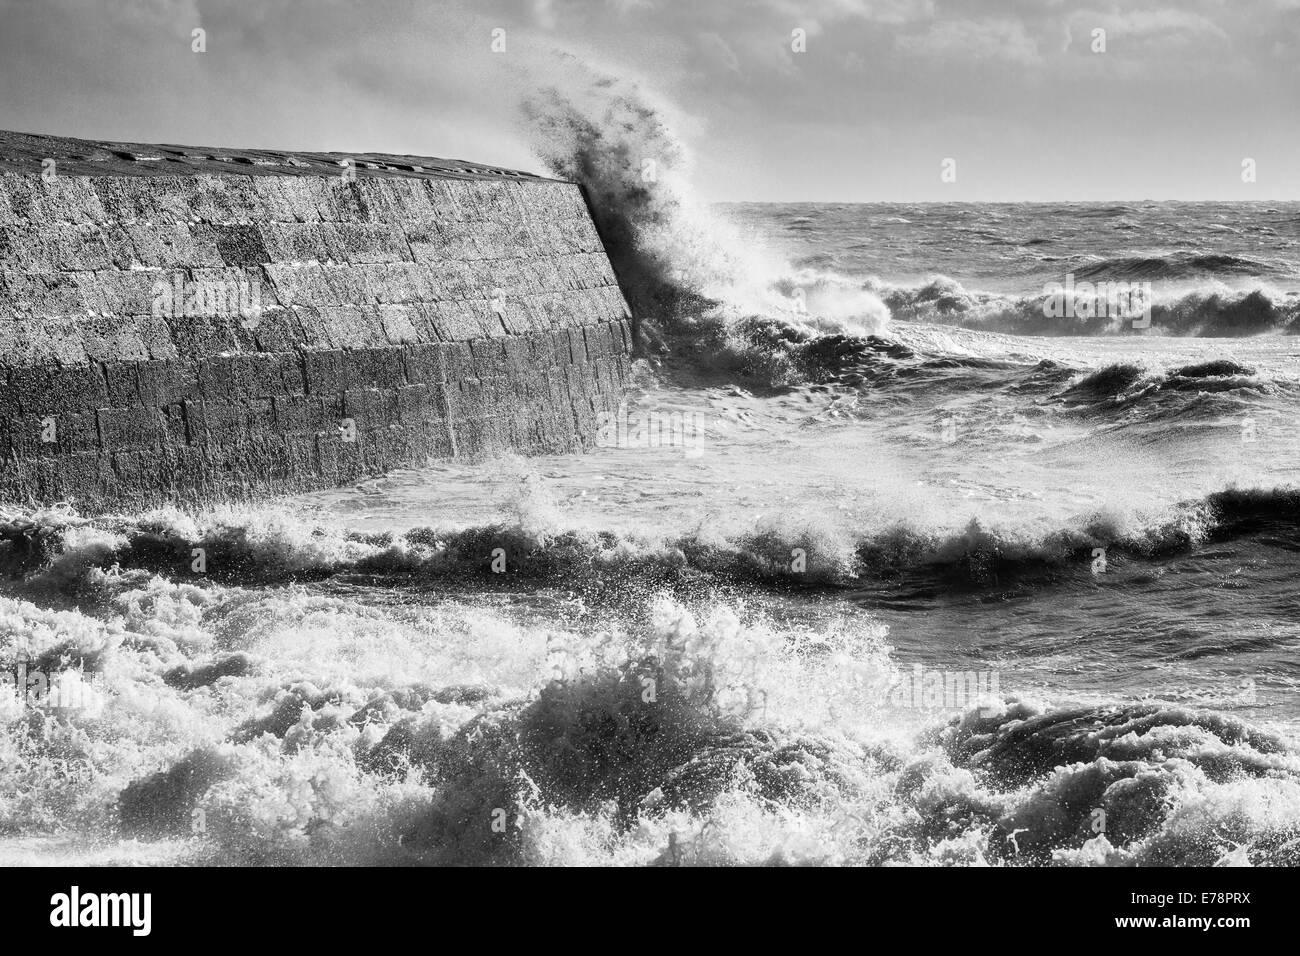 Sturmwellen brechen über den Cobb an Lyme Regis, Jurassic Coast, Dorset, England. Stockbild